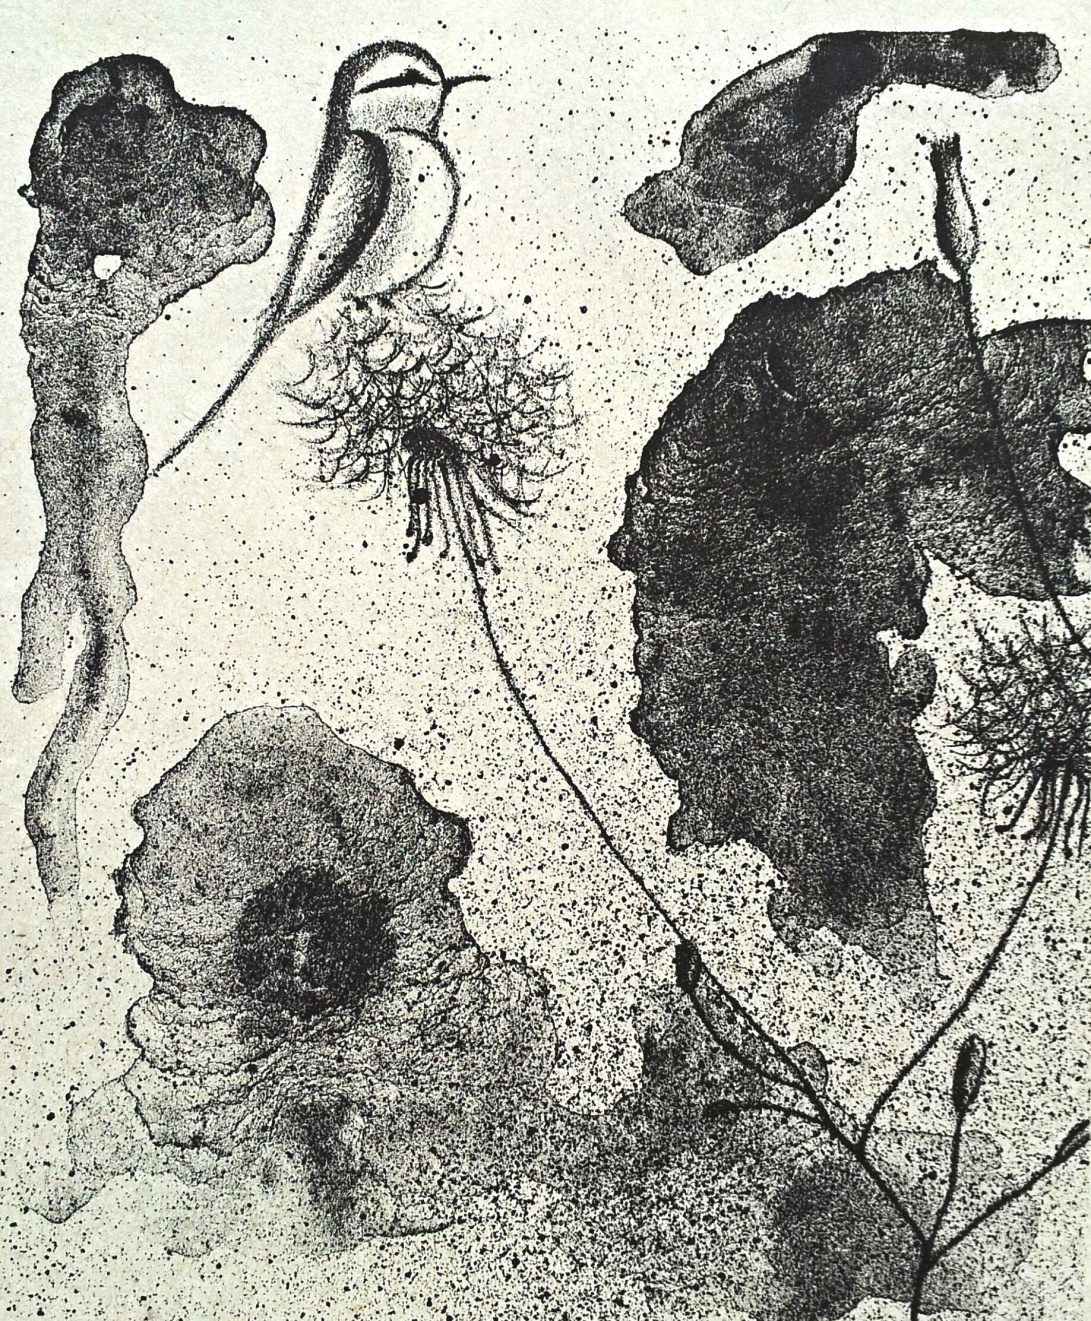 genevieve guadalupe. Filomeno. lithograph. 2017. 8.5x7''. 22x18cm.